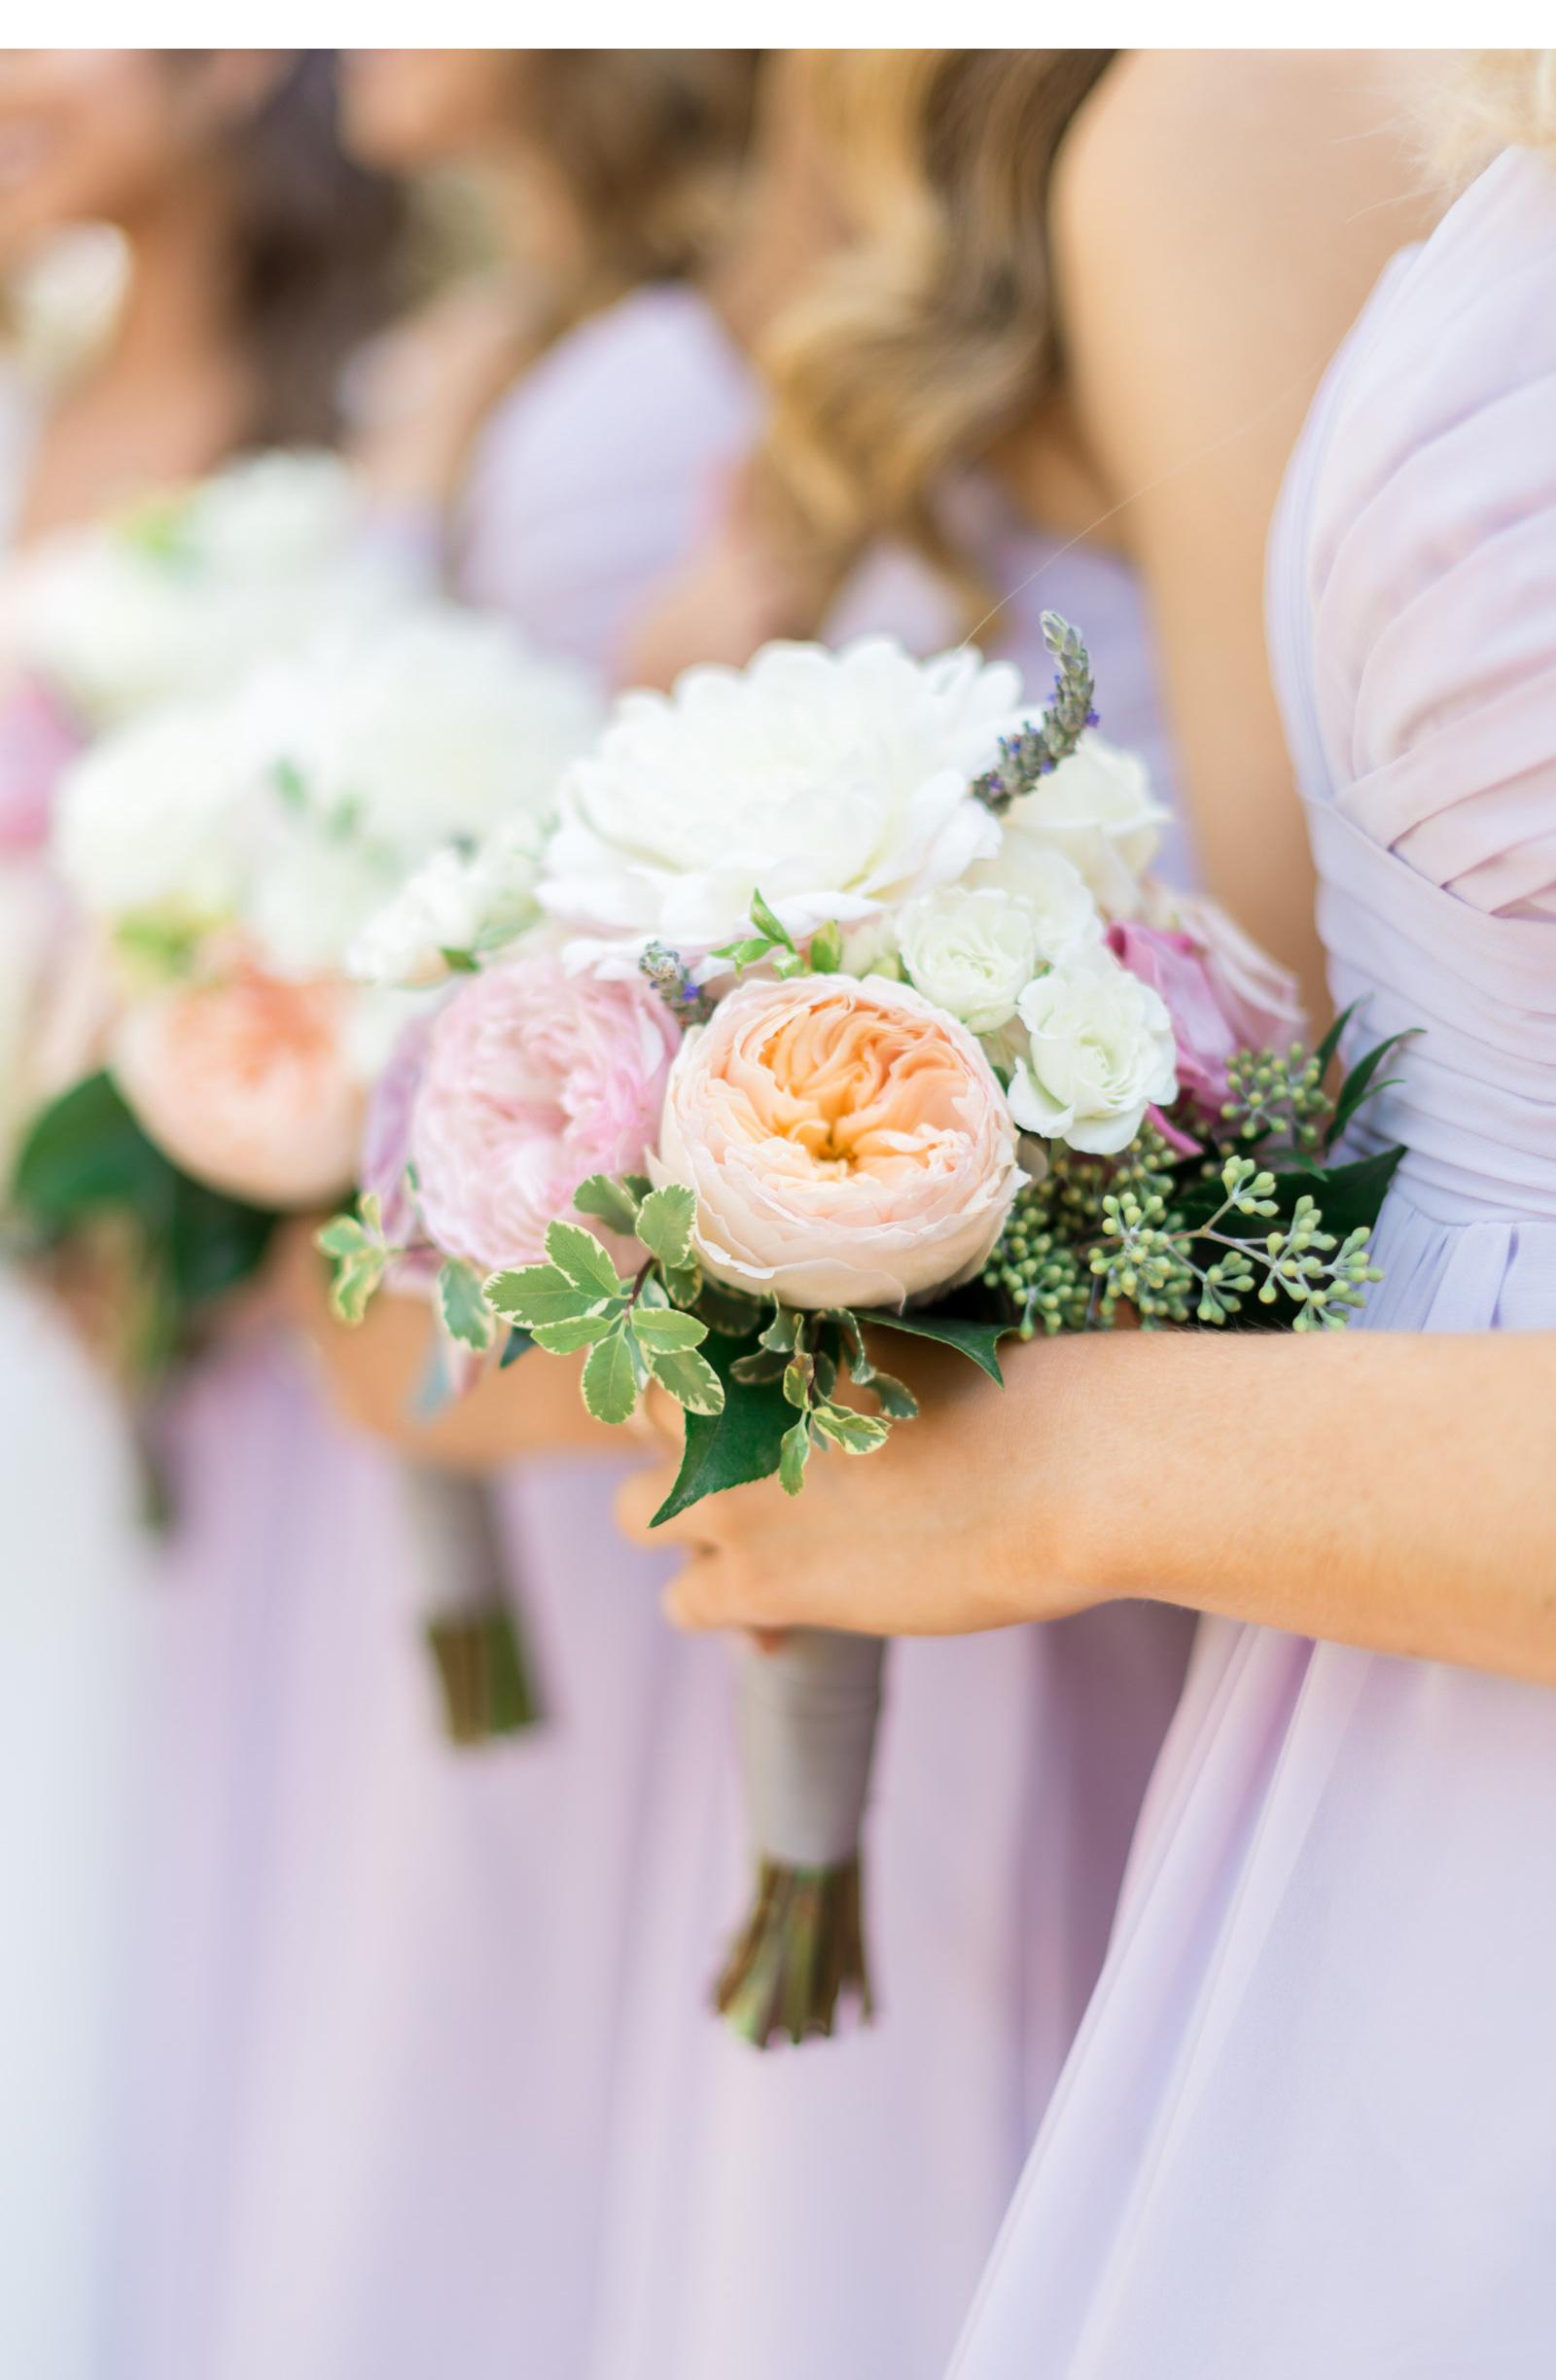 Miss-USA-Wedding-Nia-Booko-Natalie-Schutt-Photography_04.jpg